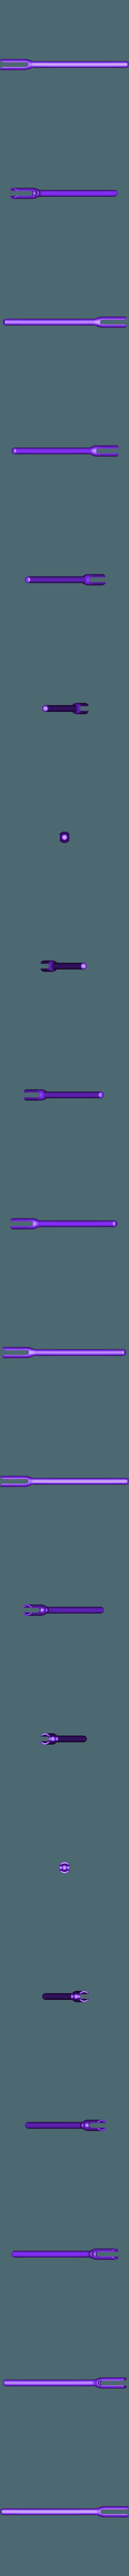 stem.stl Télécharger fichier STL gratuit Porte-serviettes en forme de tulipe • Objet pour imprimante 3D, TanyaAkinora